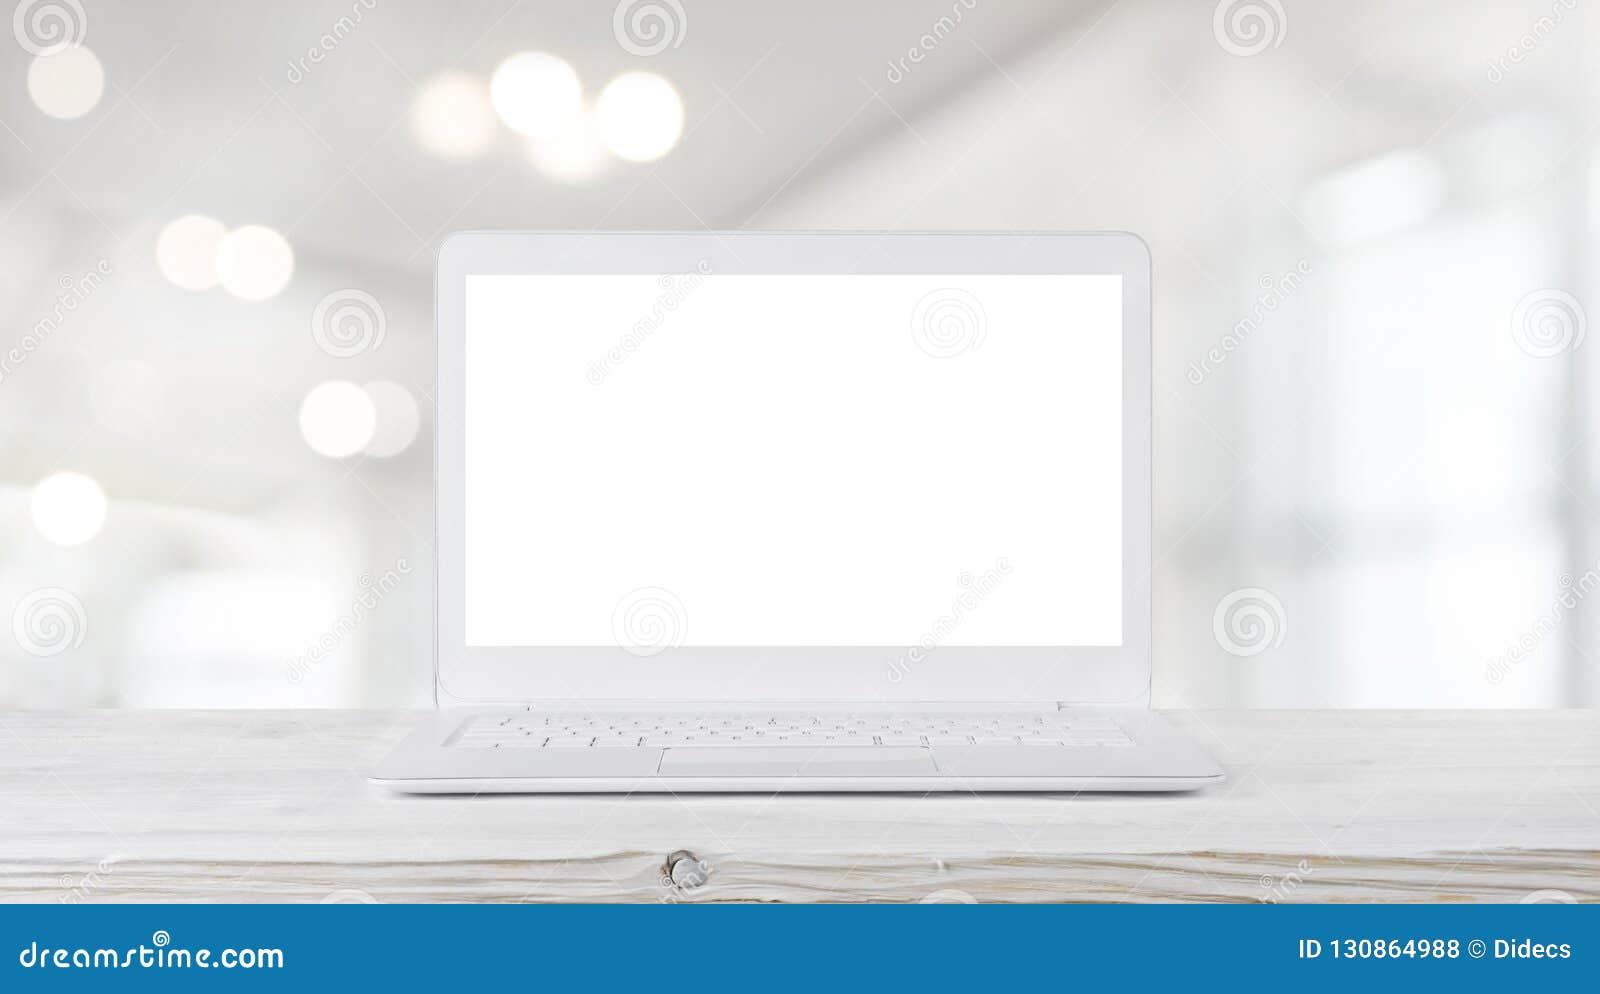 Φορητός προσωπικός υπολογιστής στον ξύλινο πίνακα θολωμένο στο περίληψη εσωτερικό γραφείων